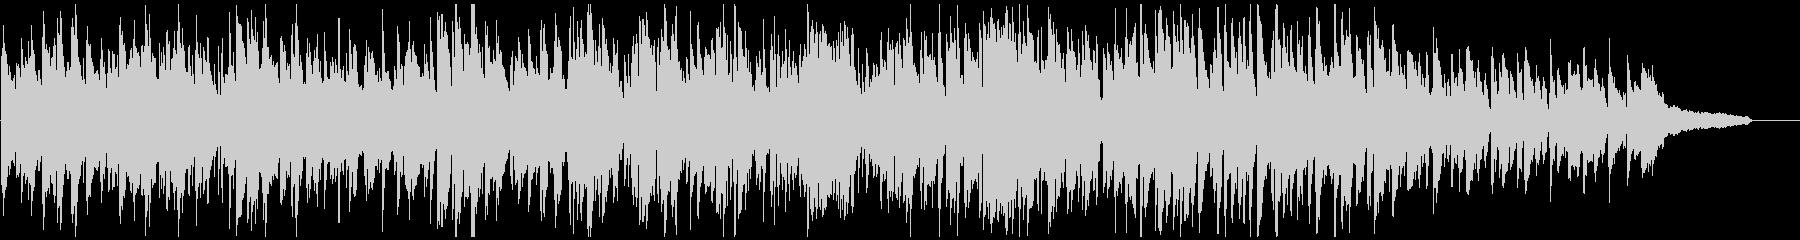 ジャズ・ボサノバ、素敵なサックスの音色の未再生の波形